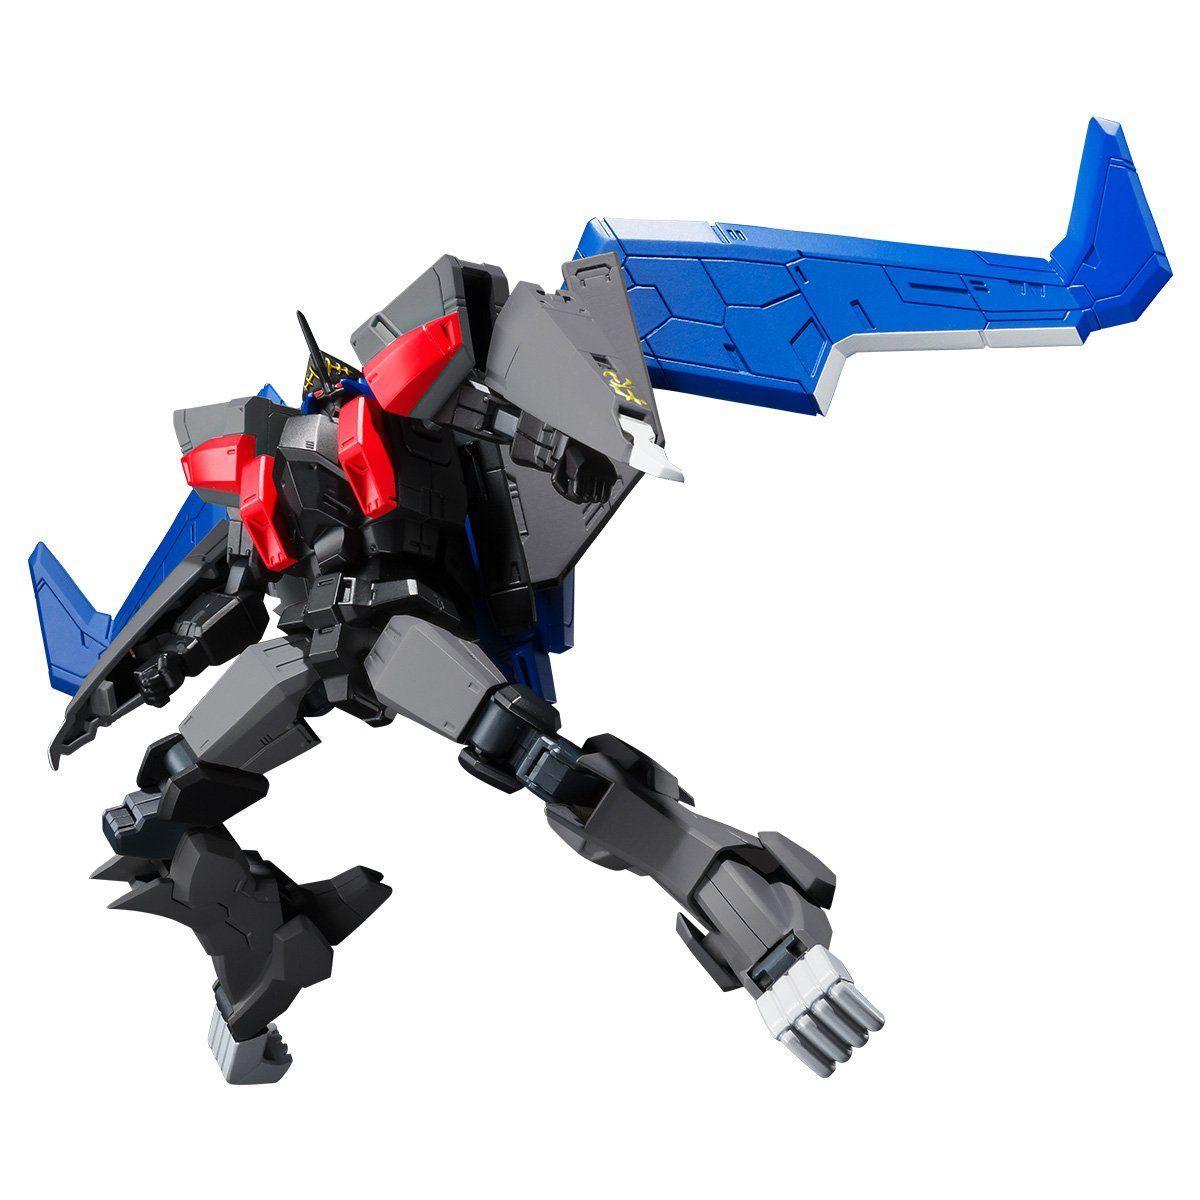 【限定販売】【食玩】スーパーミニプラ『ブラックウイング』超獣機神ダンクーガ  プラモデル-001